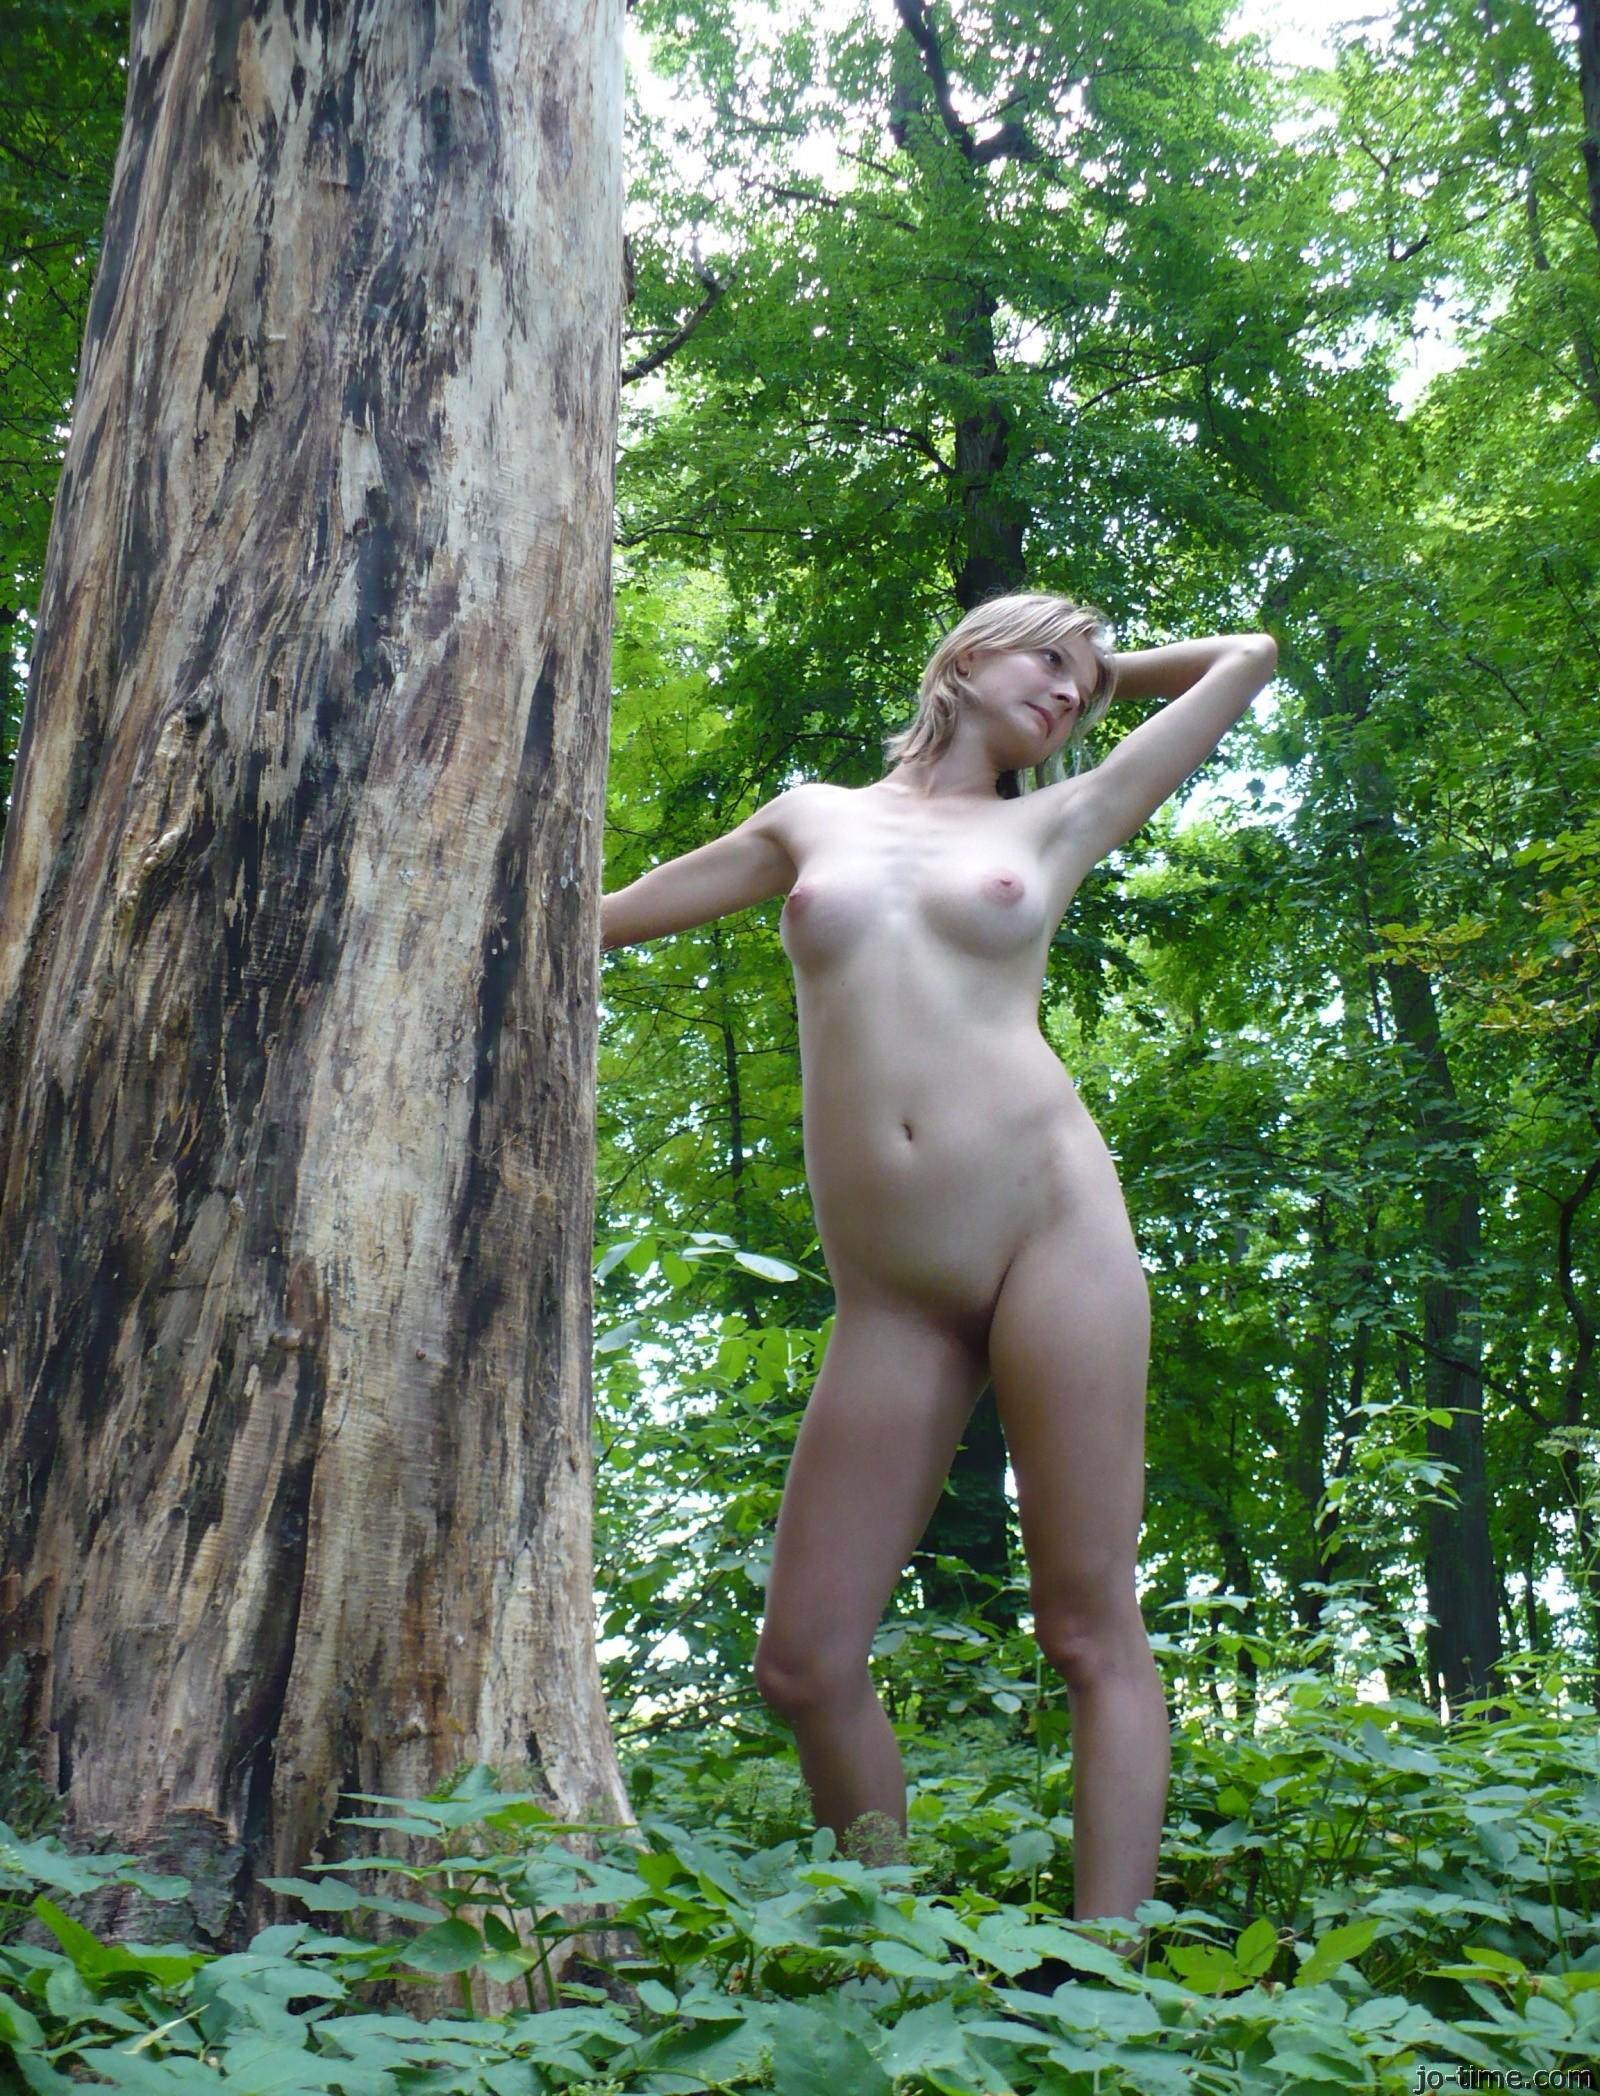 Молодая спорстменка позирует голая на природе